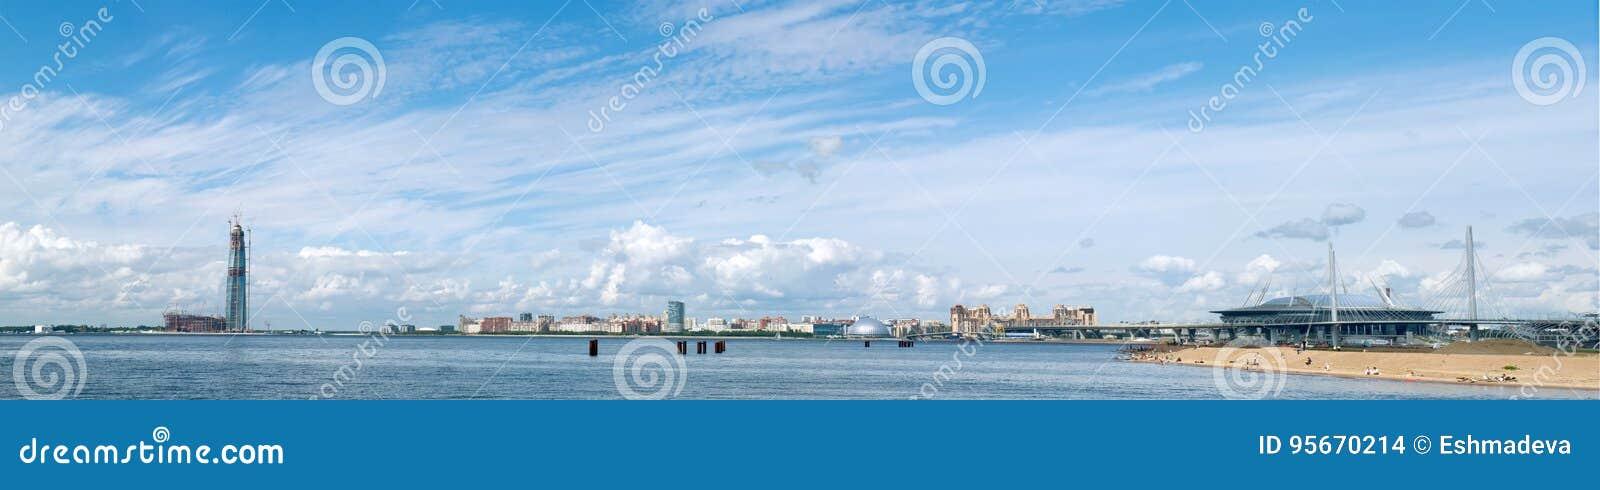 彼得斯堡圣徒 俄罗斯- 2017年6月25日 Finla全景海湾